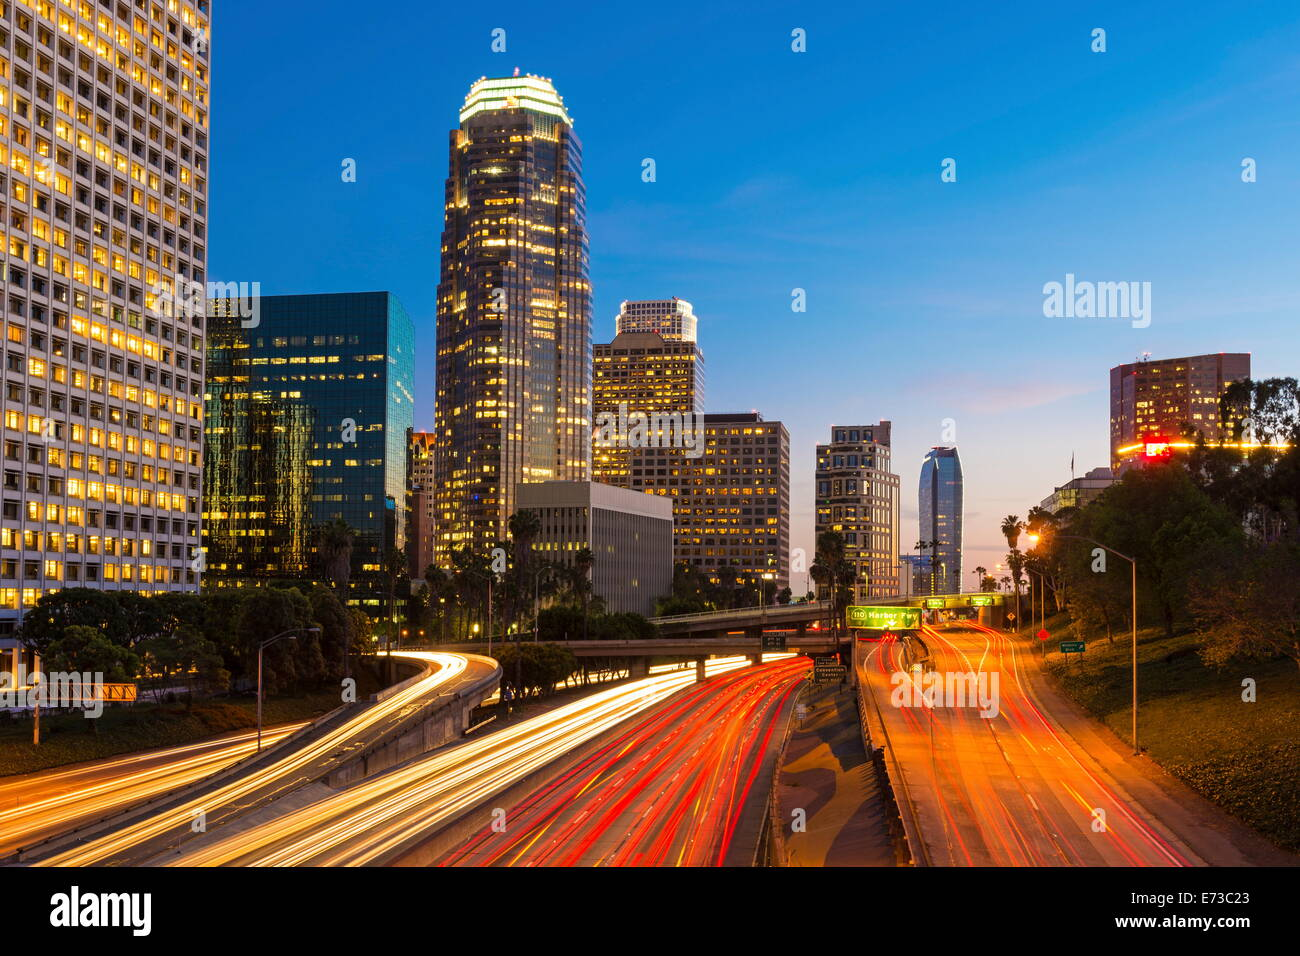 Quartier financier du centre-ville de Los Angeles, Californie, États-Unis d'Amérique, Amérique Photo Stock